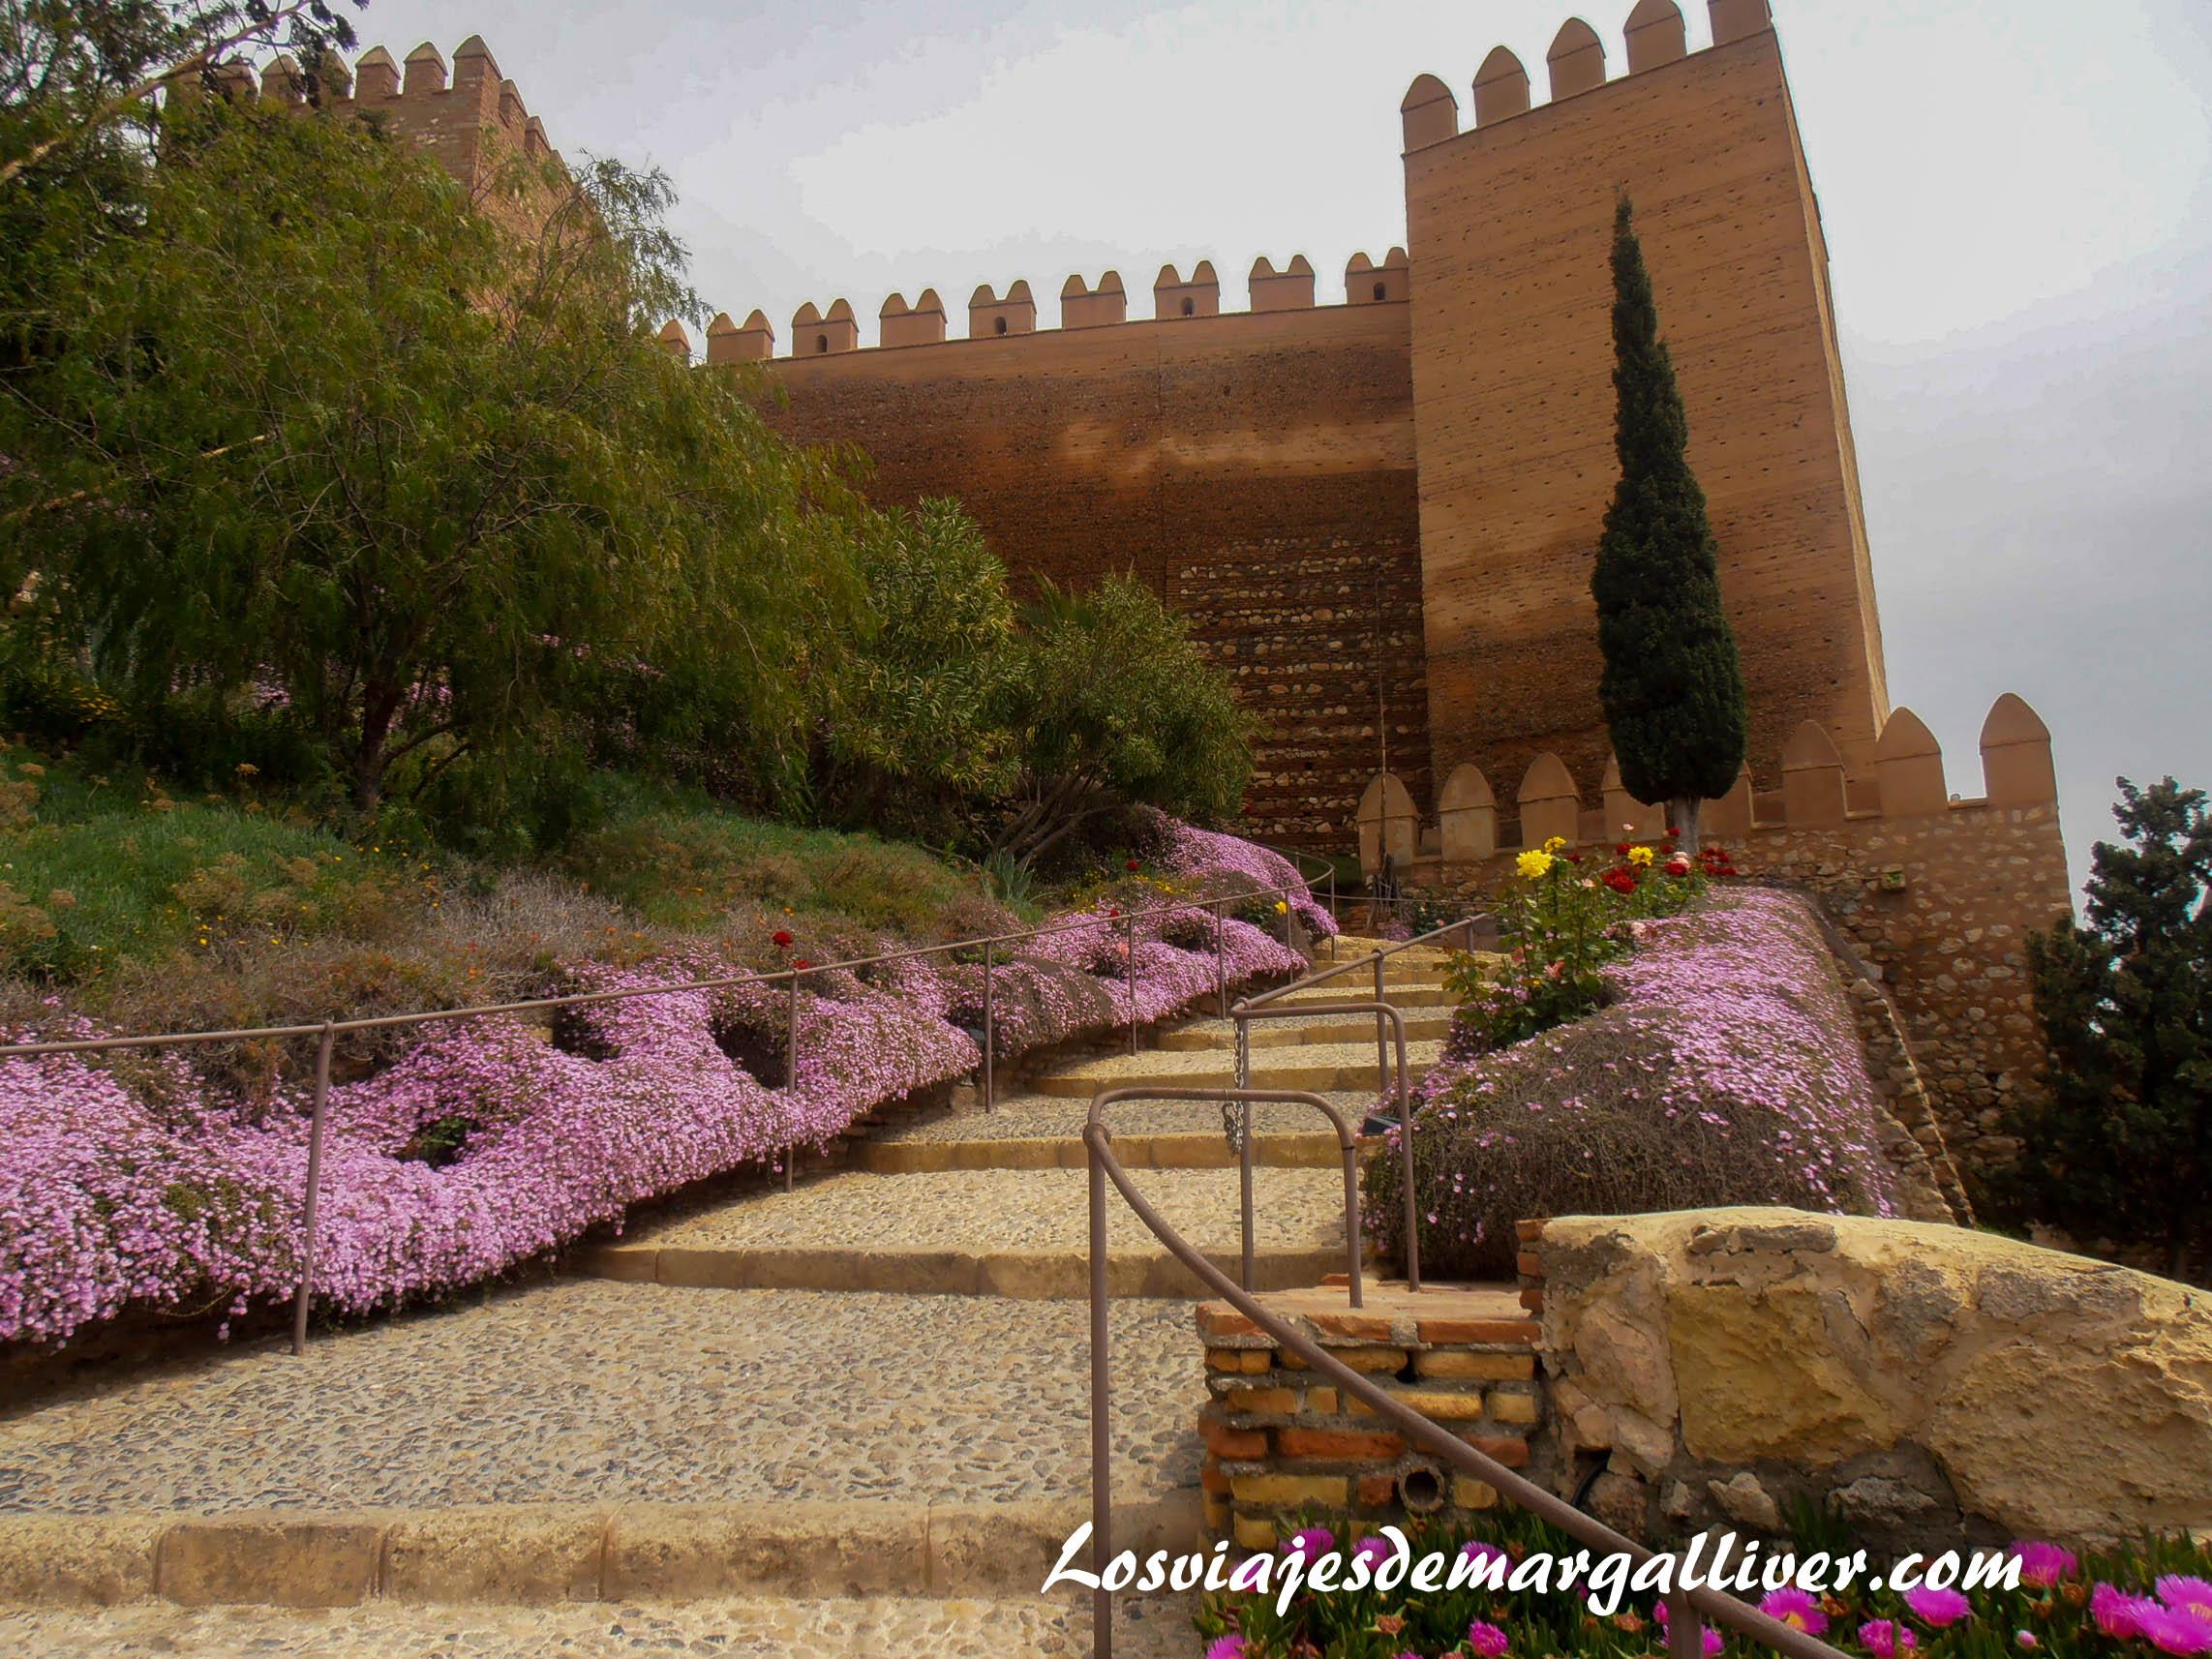 Alcazaba de Almería en la ruta de juego de tronos -Los viajes de Margalliver